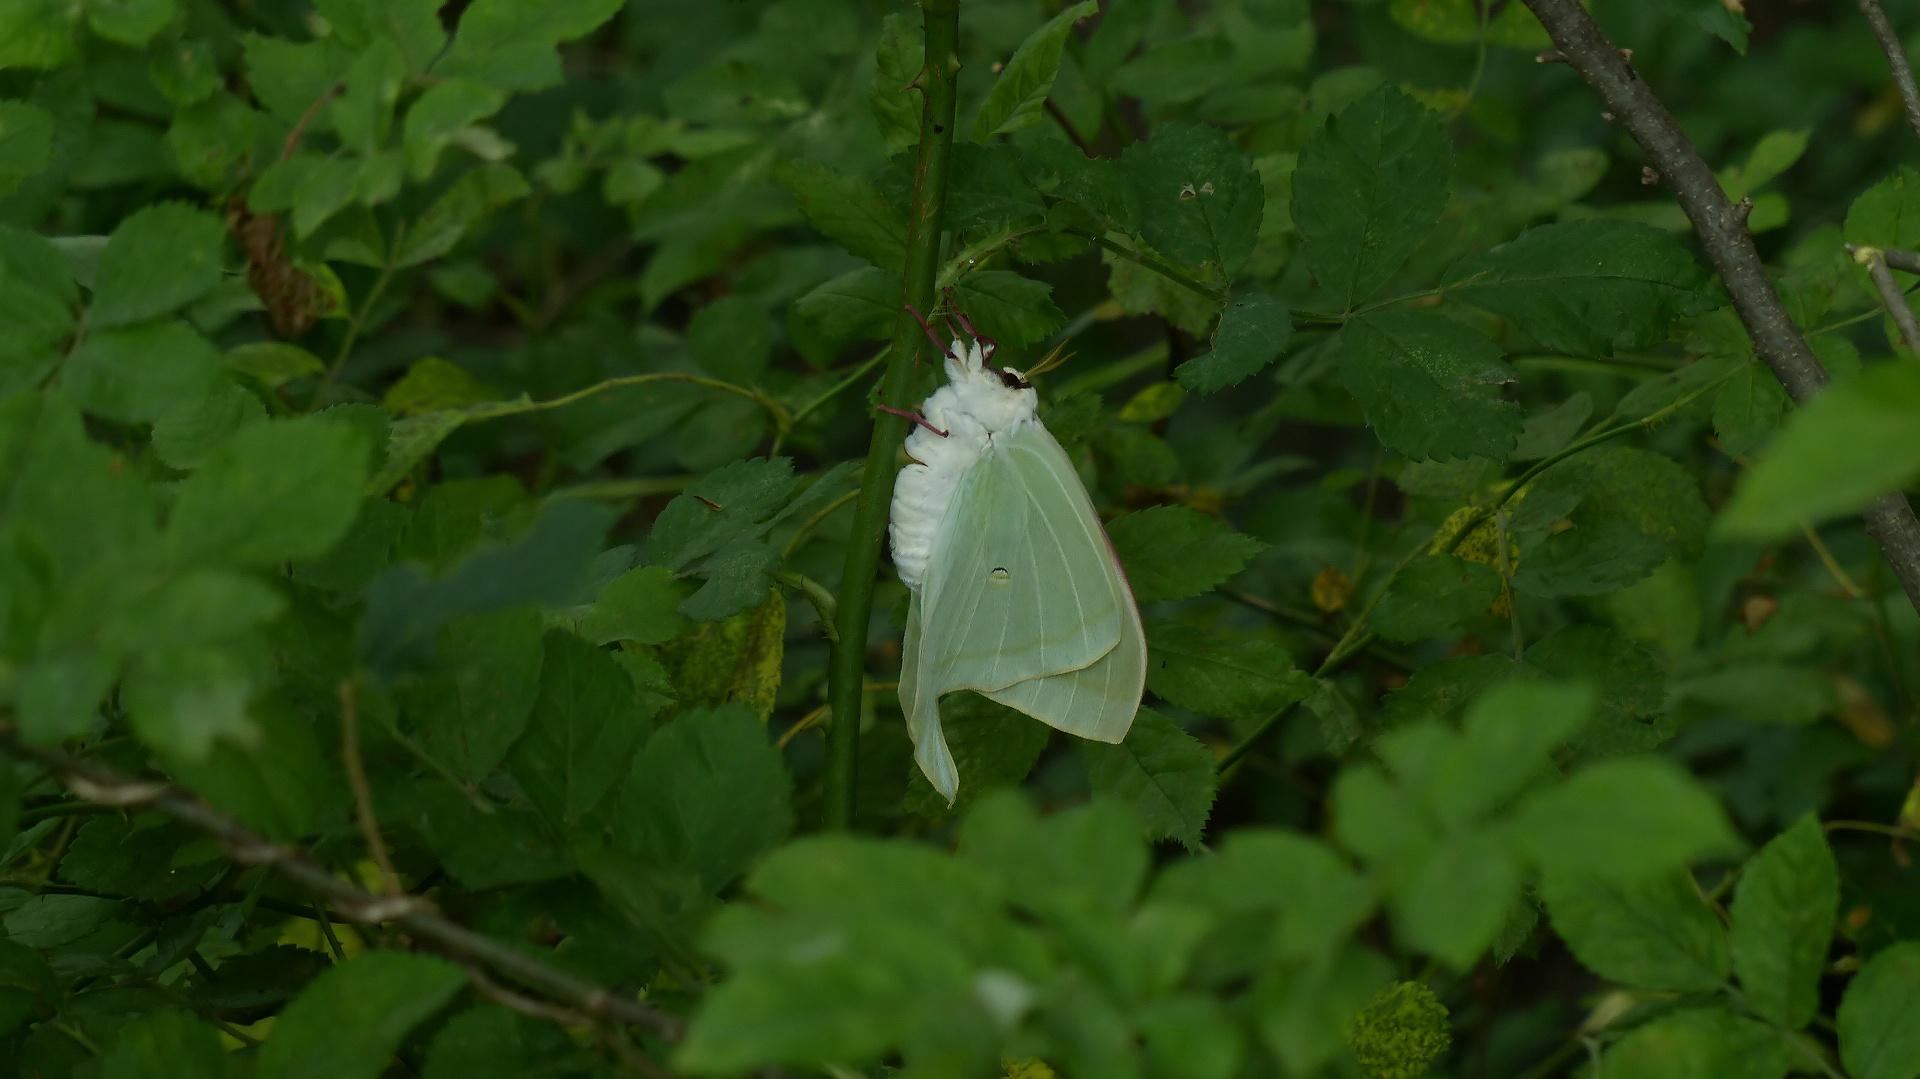 昆虫の森シリーズ 夕顔瓢箪とも呼ばれます_a0185081_11392982.jpg